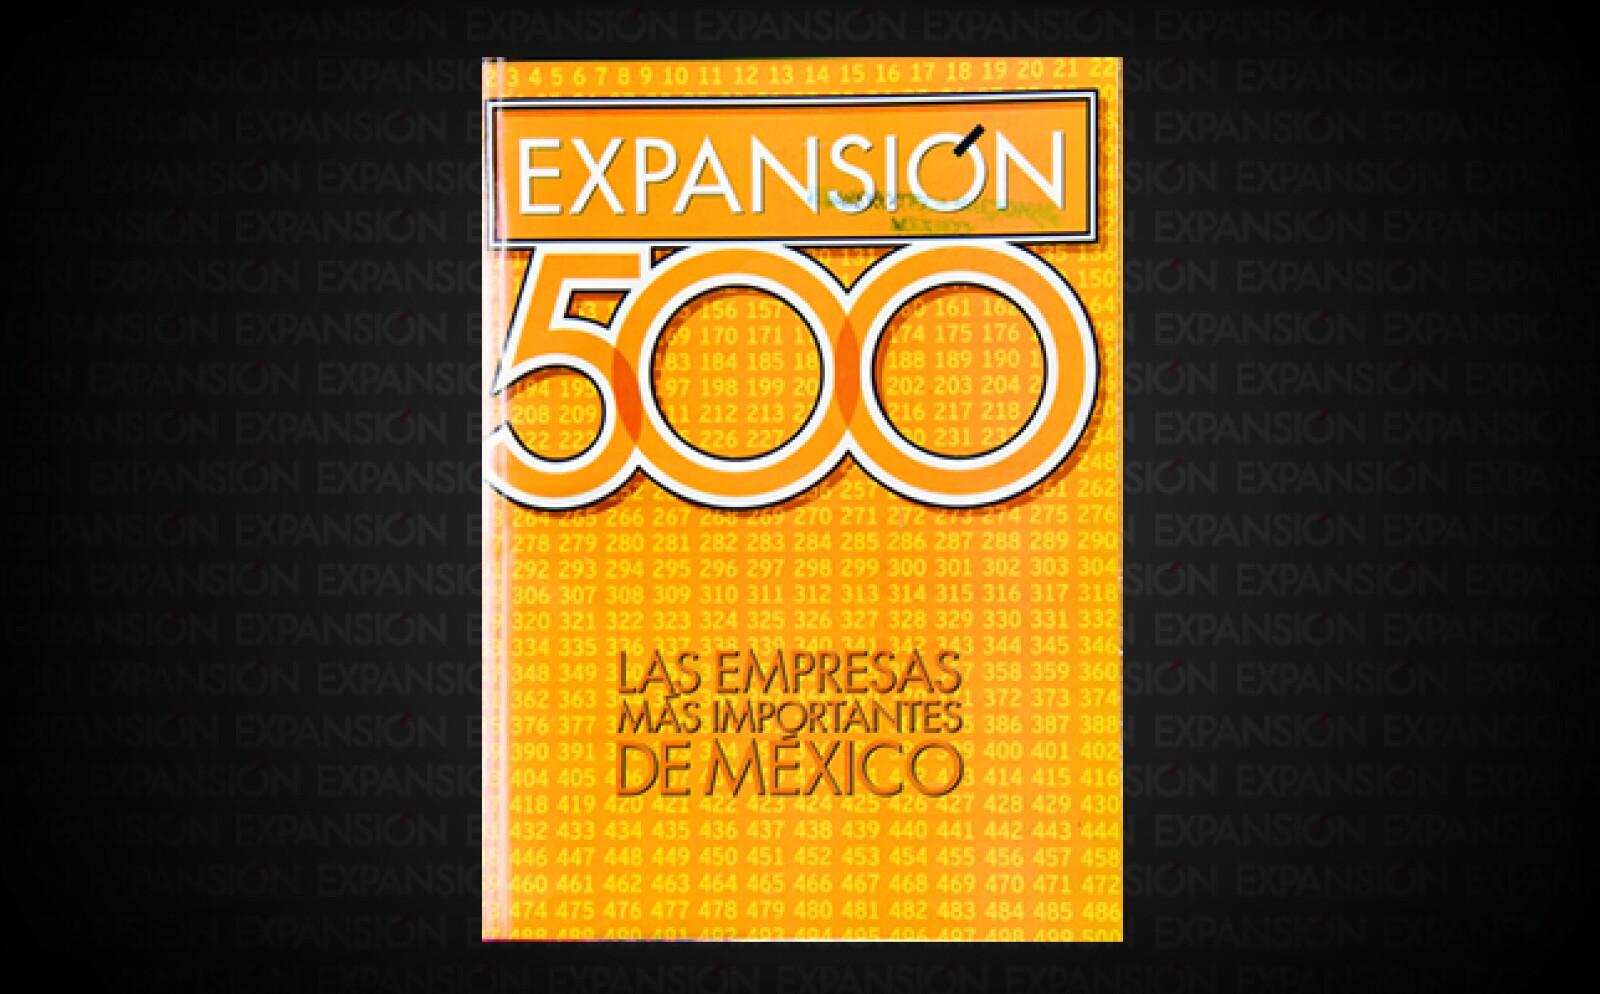 Vicente Fox llega a la Presidencia. Los sectores con mayor crecimiento eran la maquinaria y equipo eléctrico, despachos de asesoría, hardware y software.